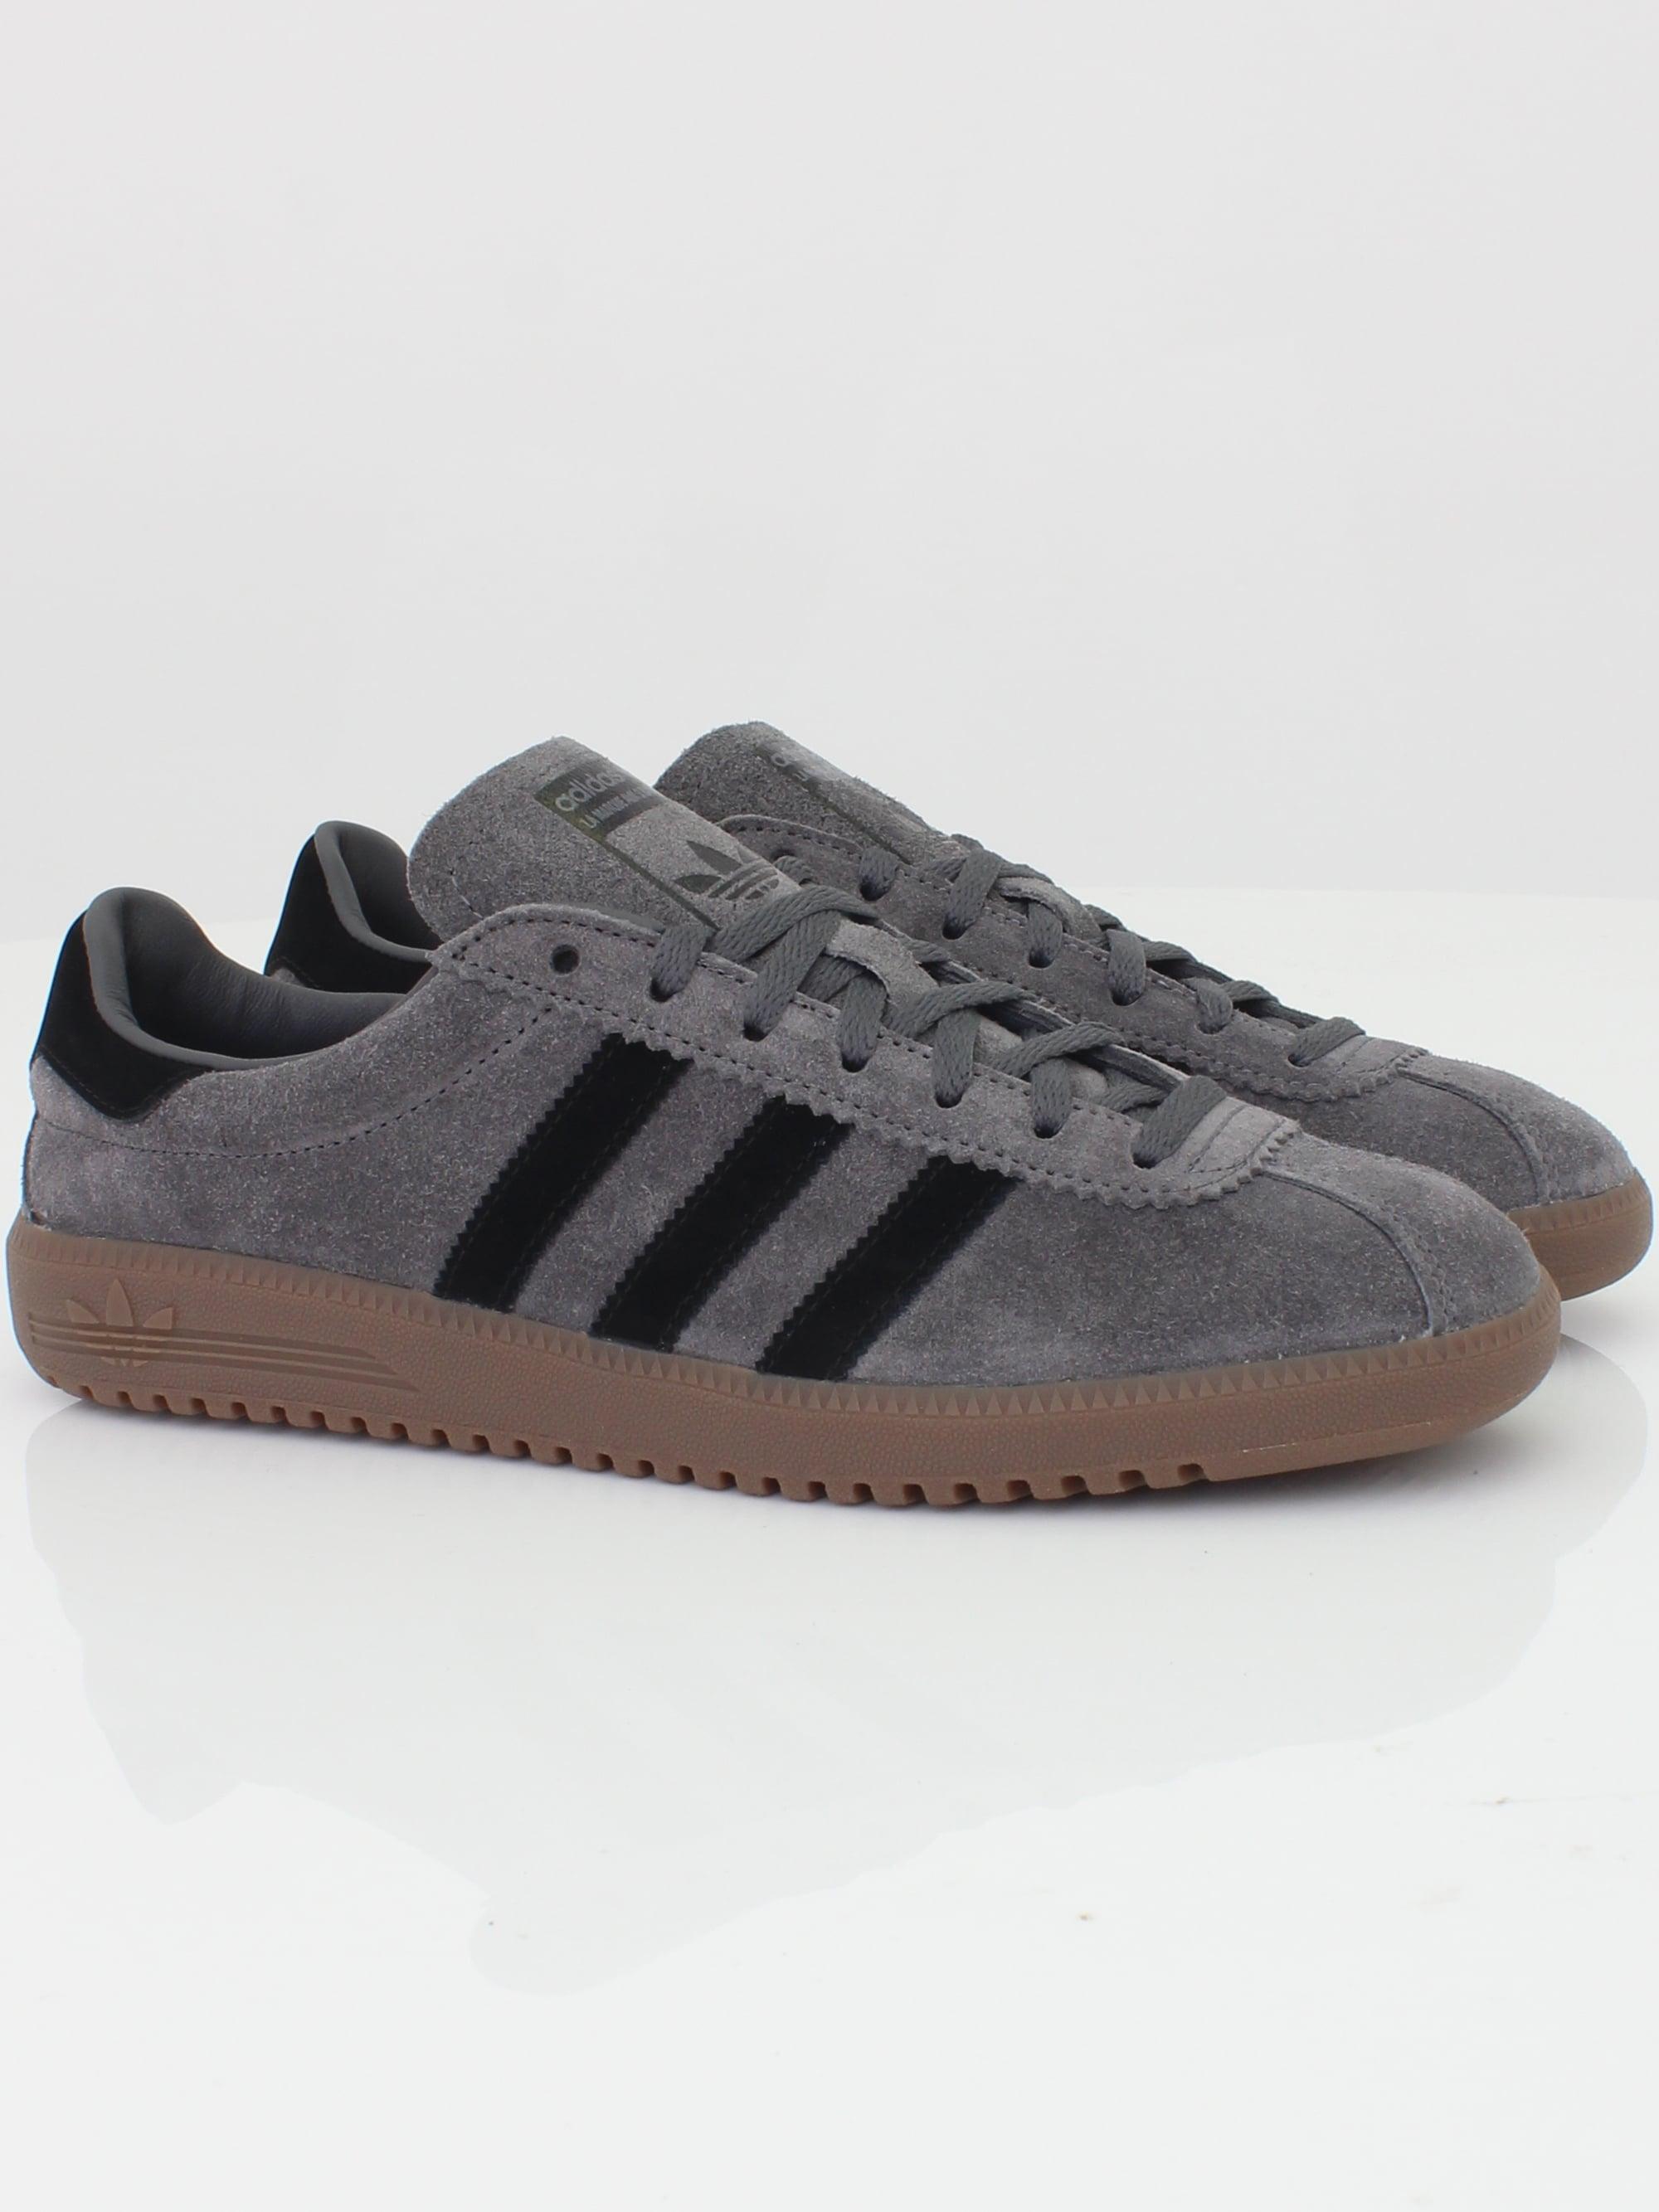 Adidas Originals Bermuda in Grey